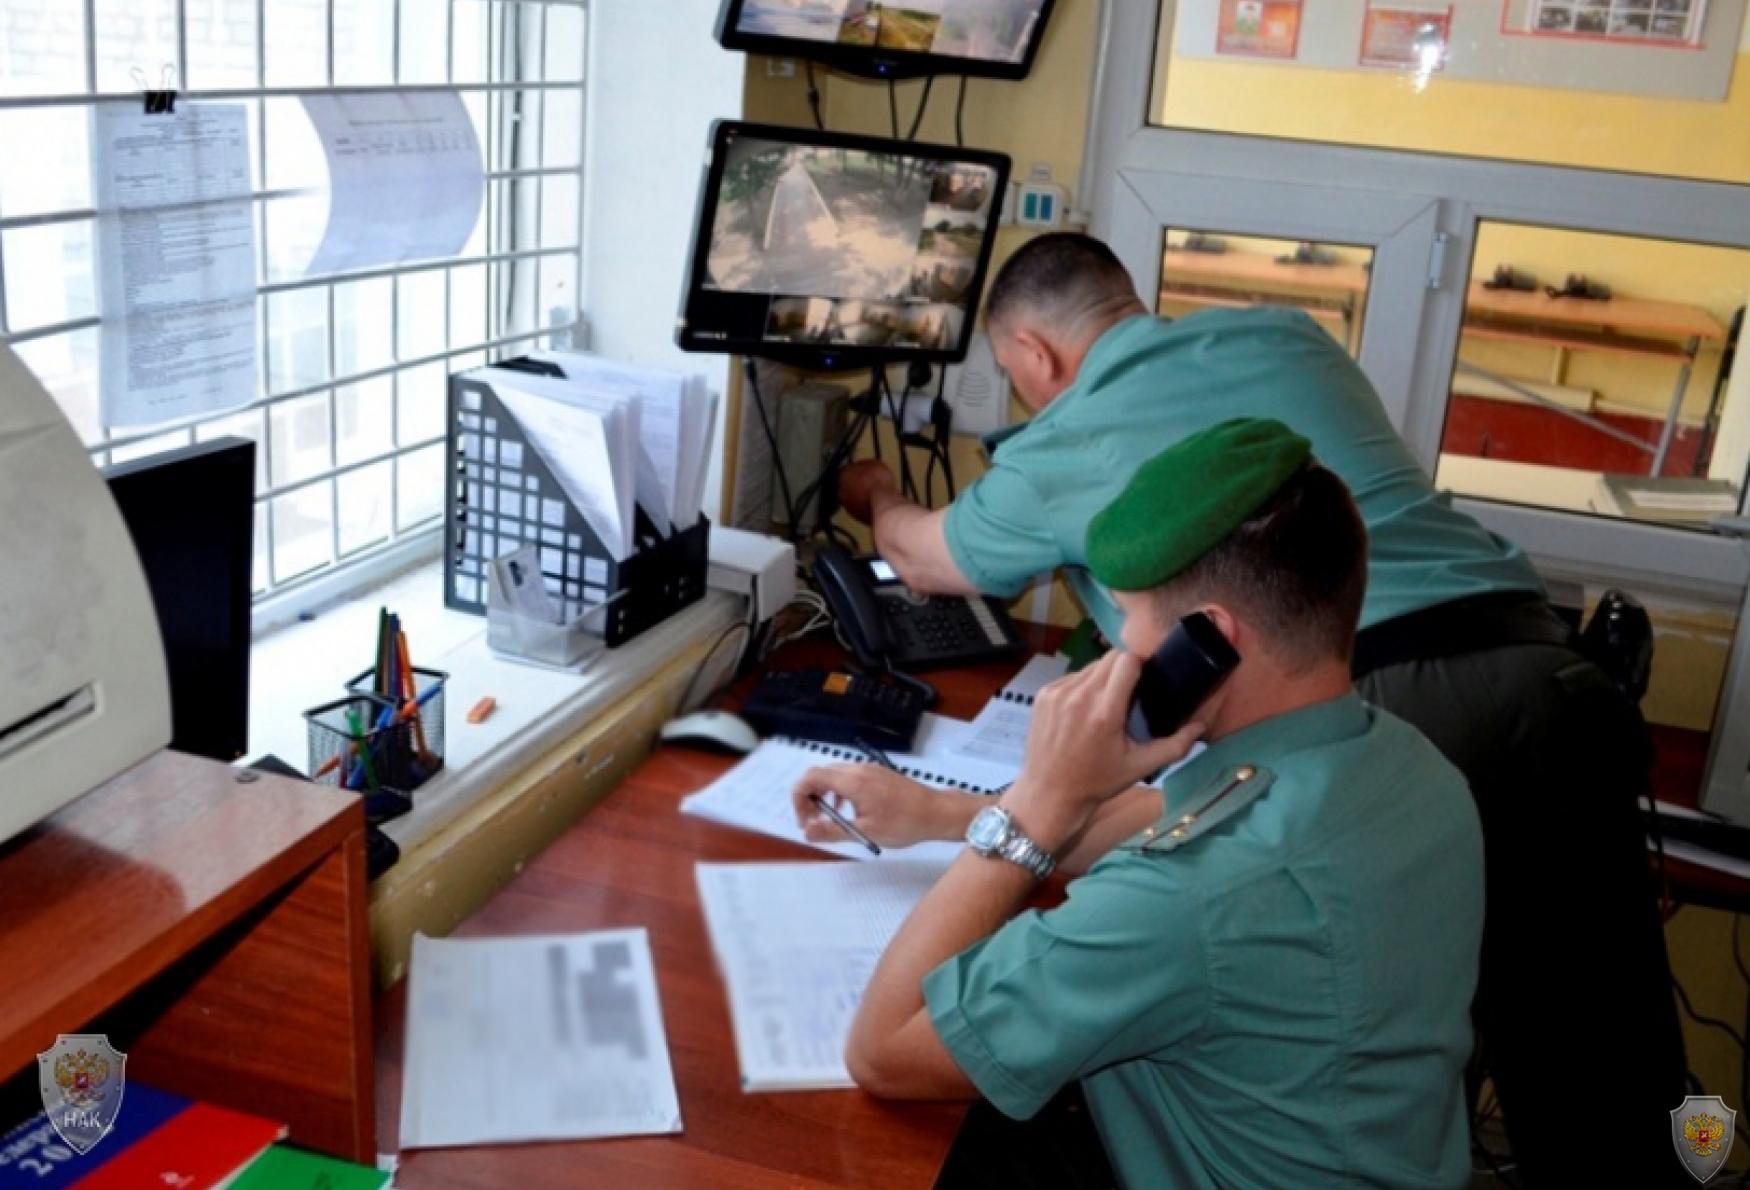 Действия дежурных служб по полученной информации о совершении террористического акта